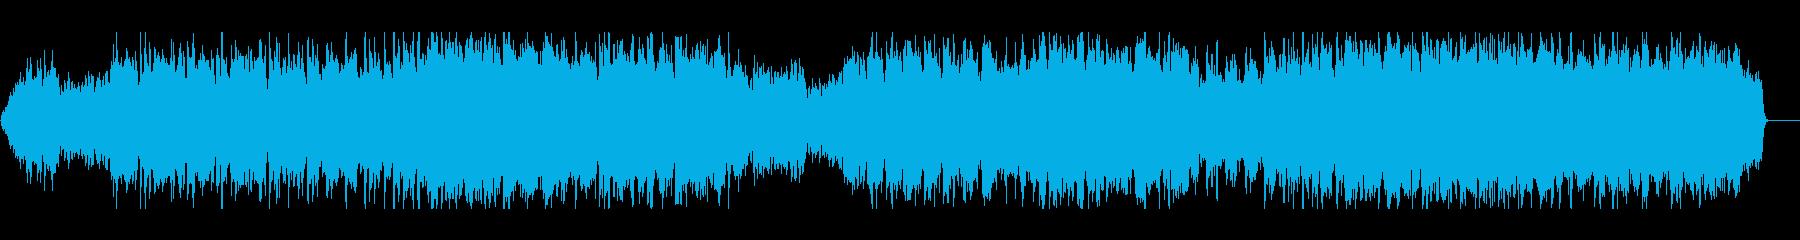 チェロがメロディーの重く物哀しい曲の再生済みの波形